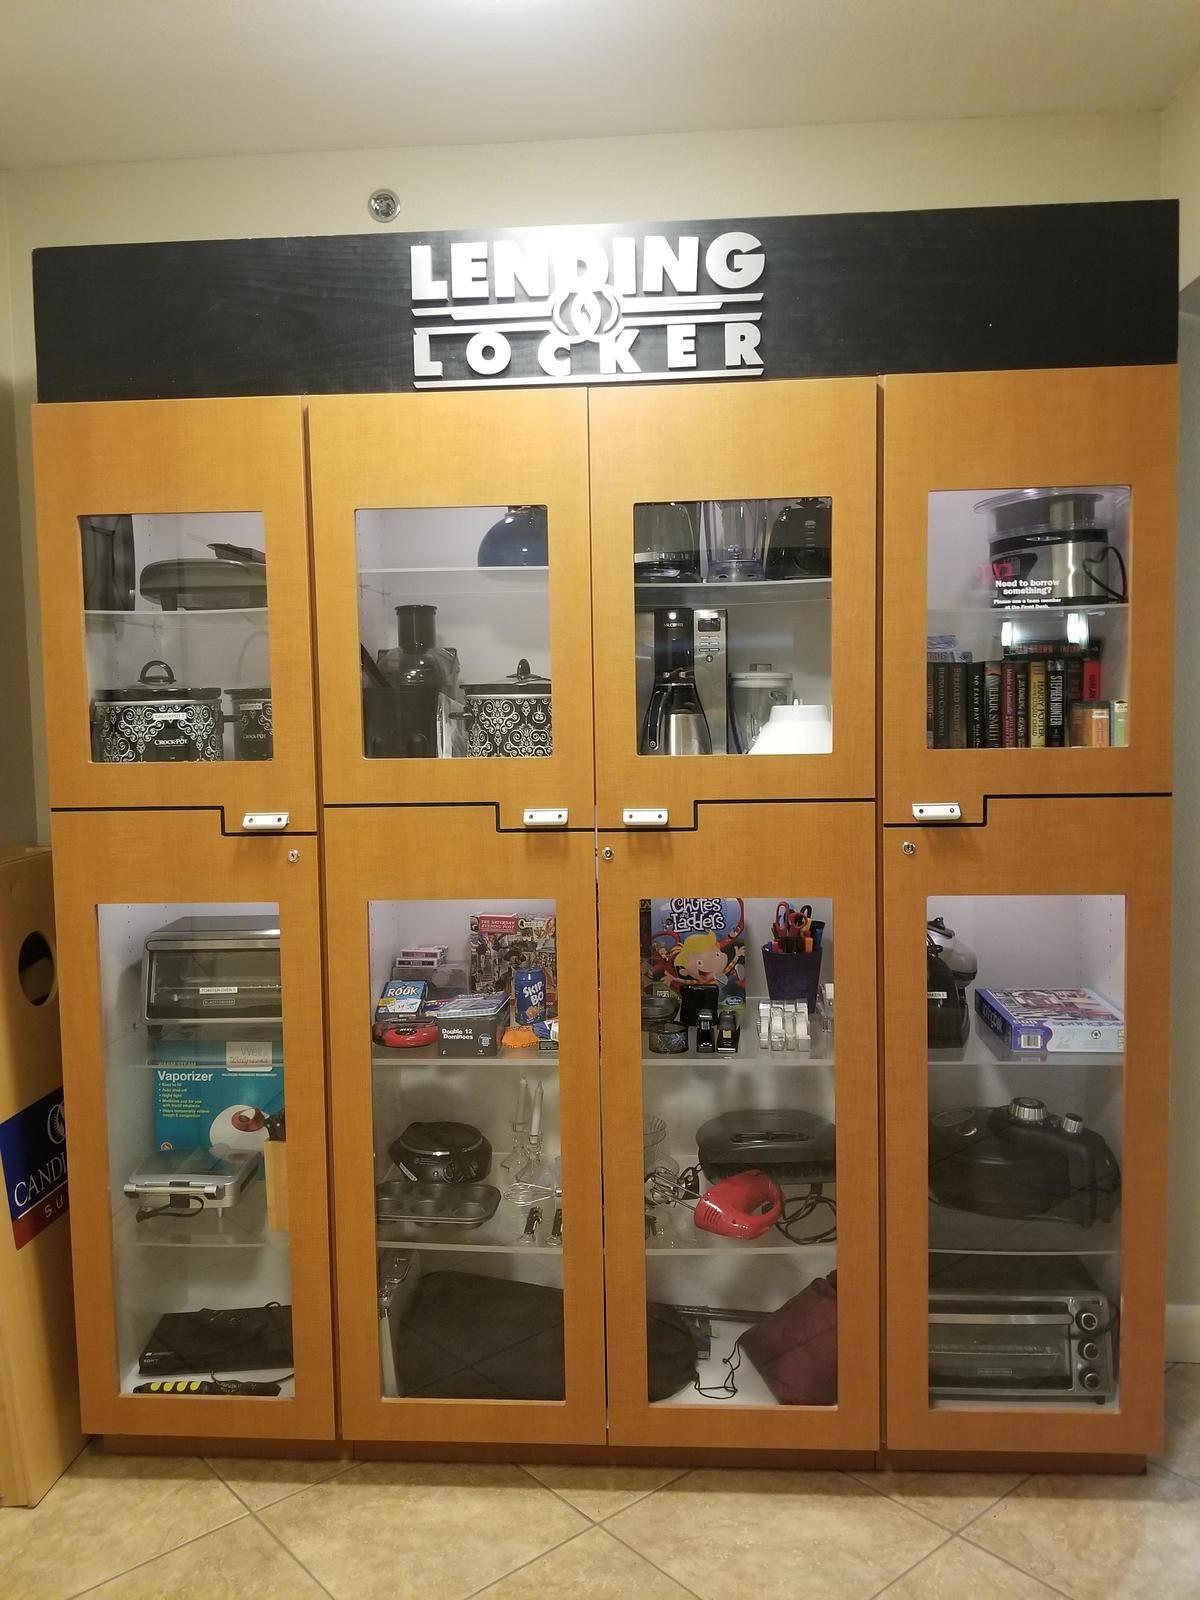 lending locker at a hotel